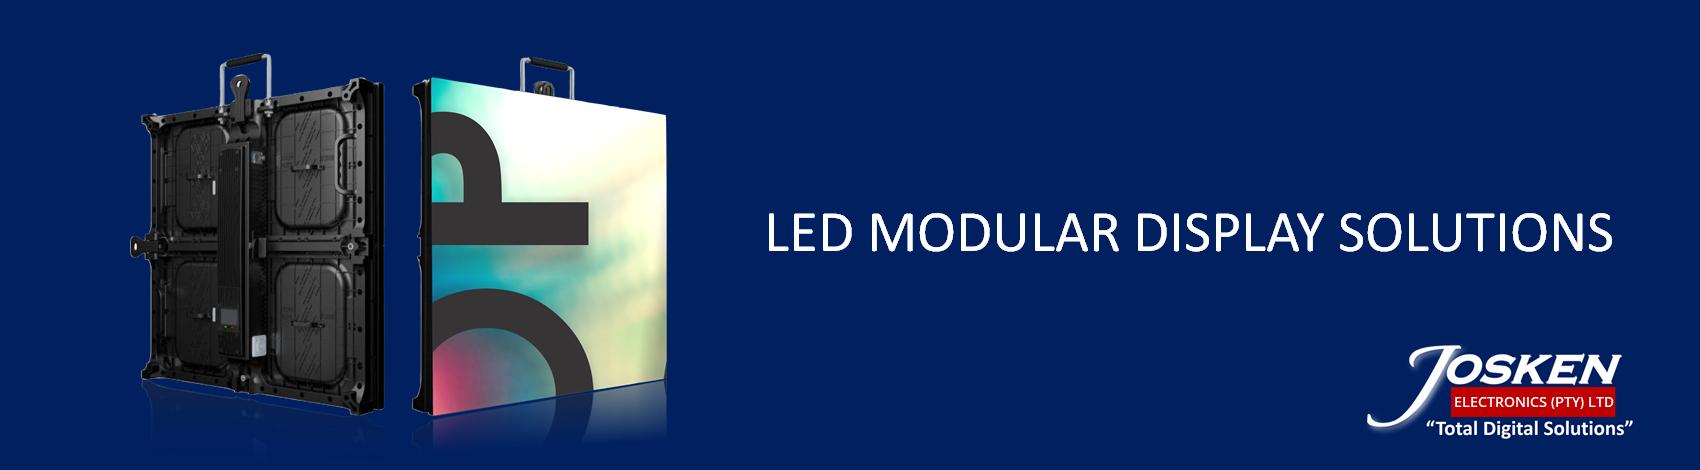 LED-MODULAR-DSIPLAY-BANNER